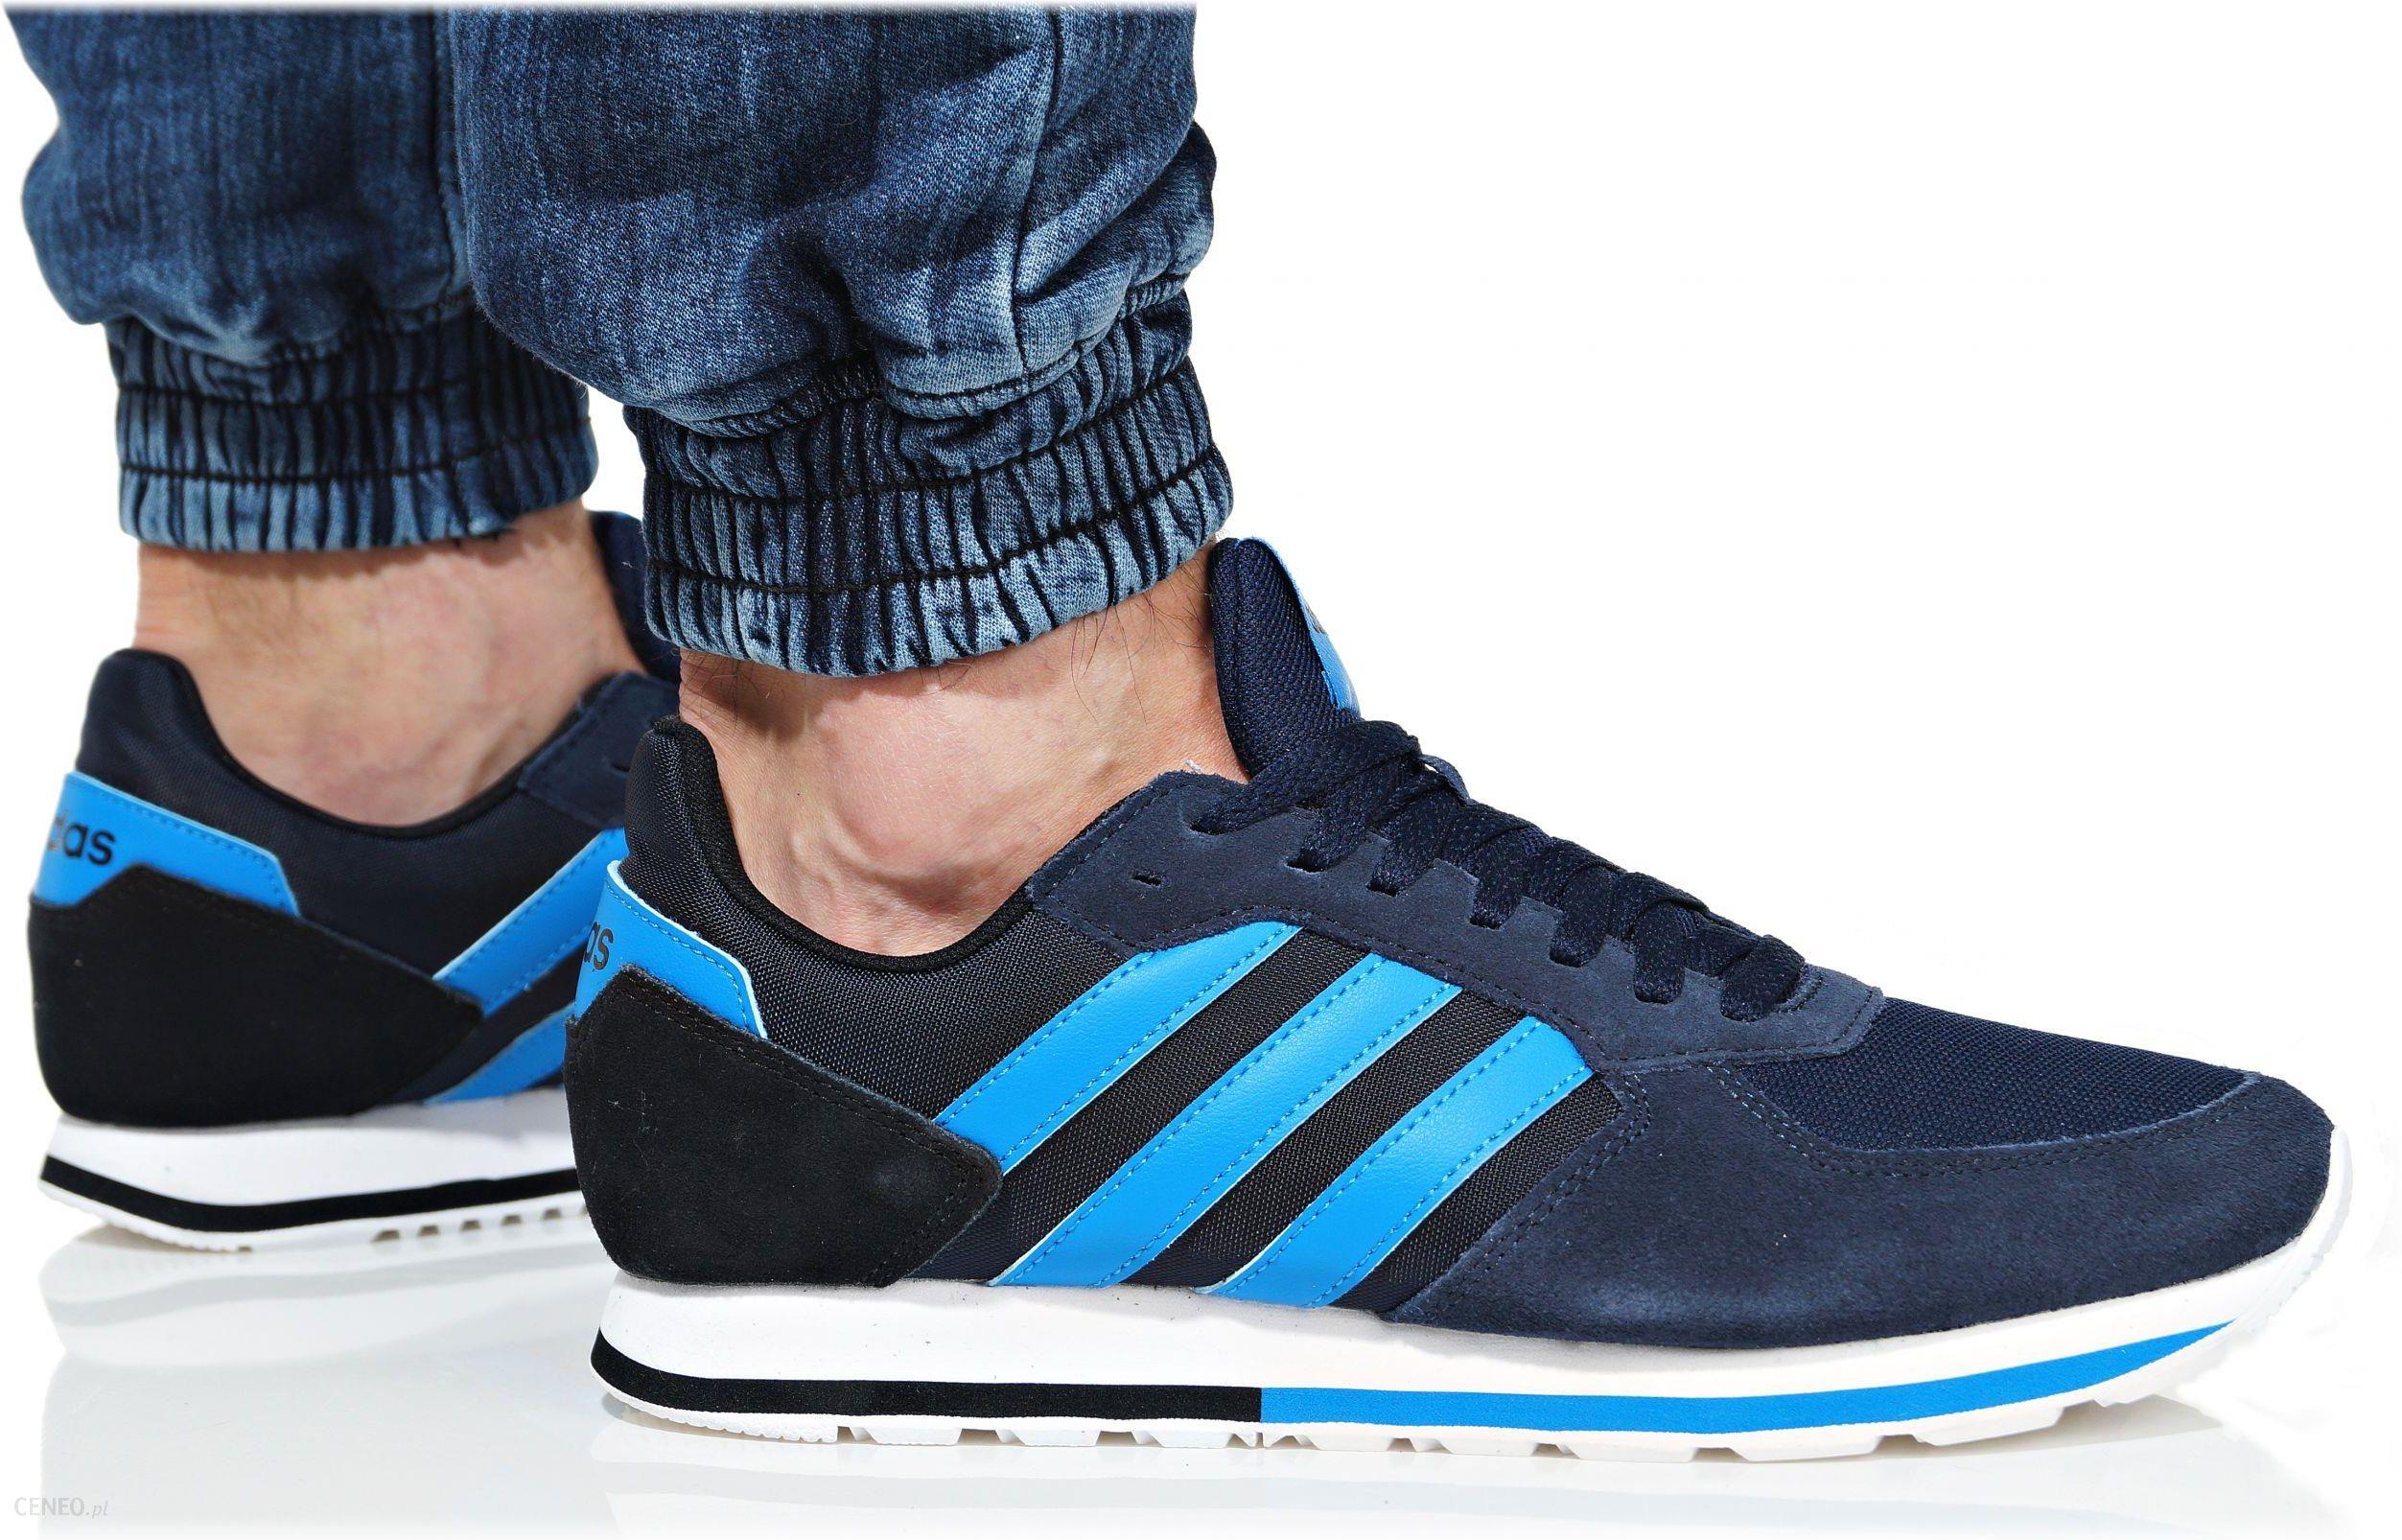 Adidas, Buty męskie, Terrex Cc Jawpaw II, rozmiar 43